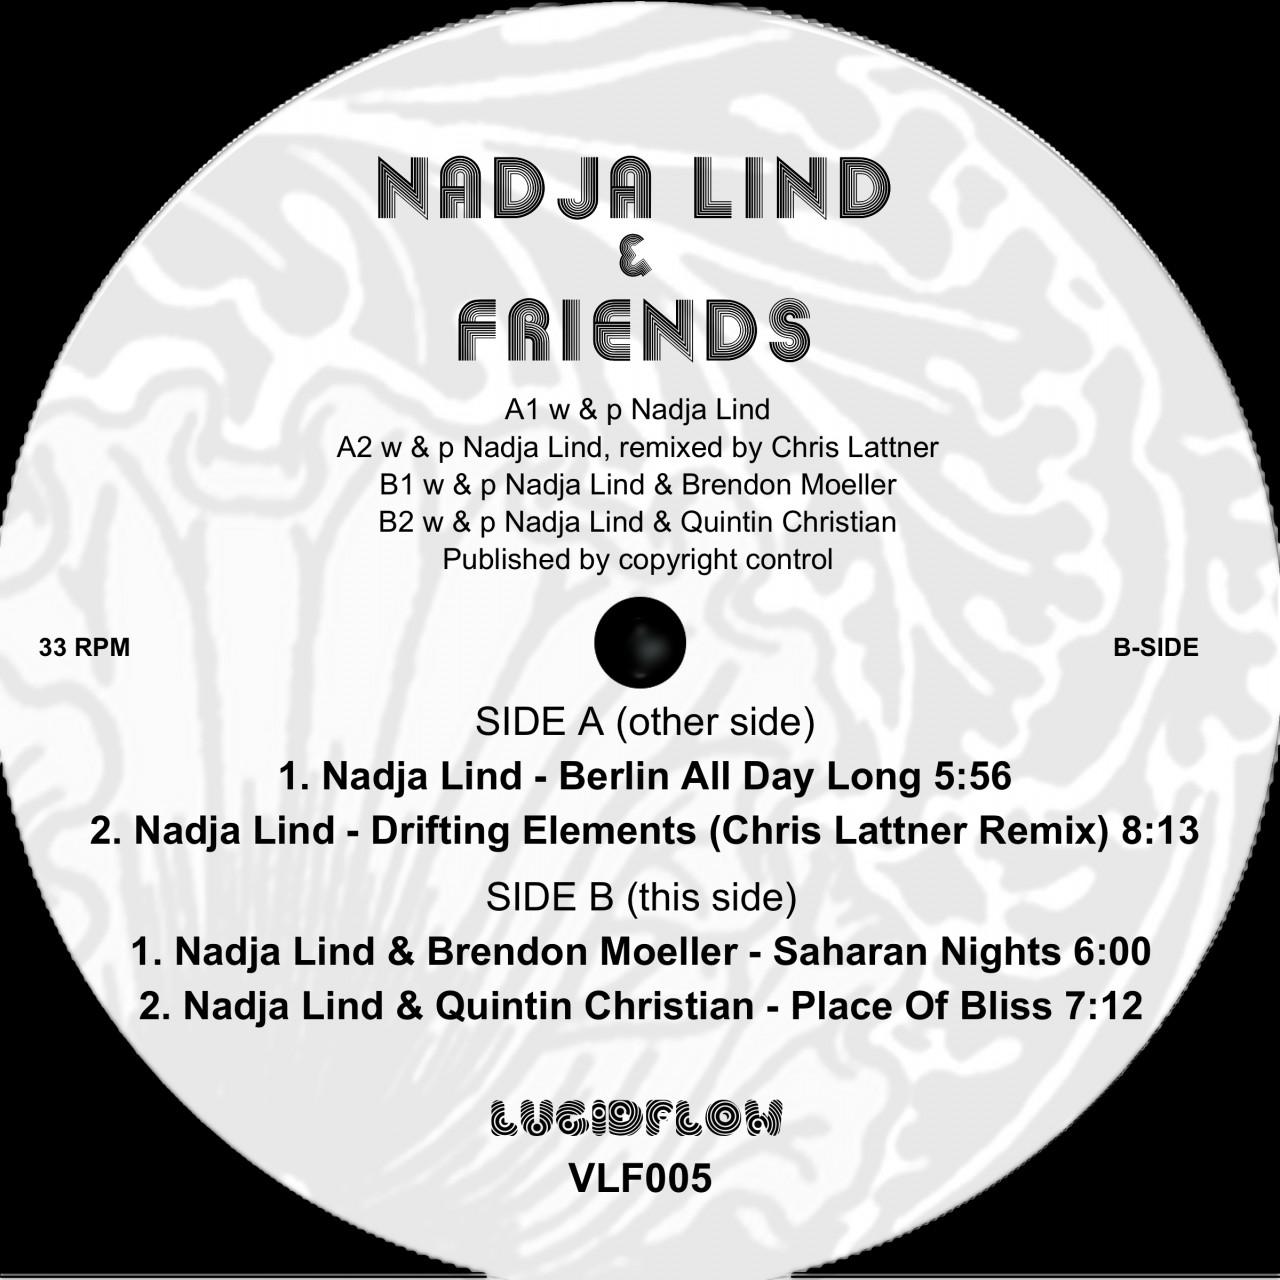 VLF005 – Nadja Lind & Brendon Moeller, Chris Lattner, Quintin Christian